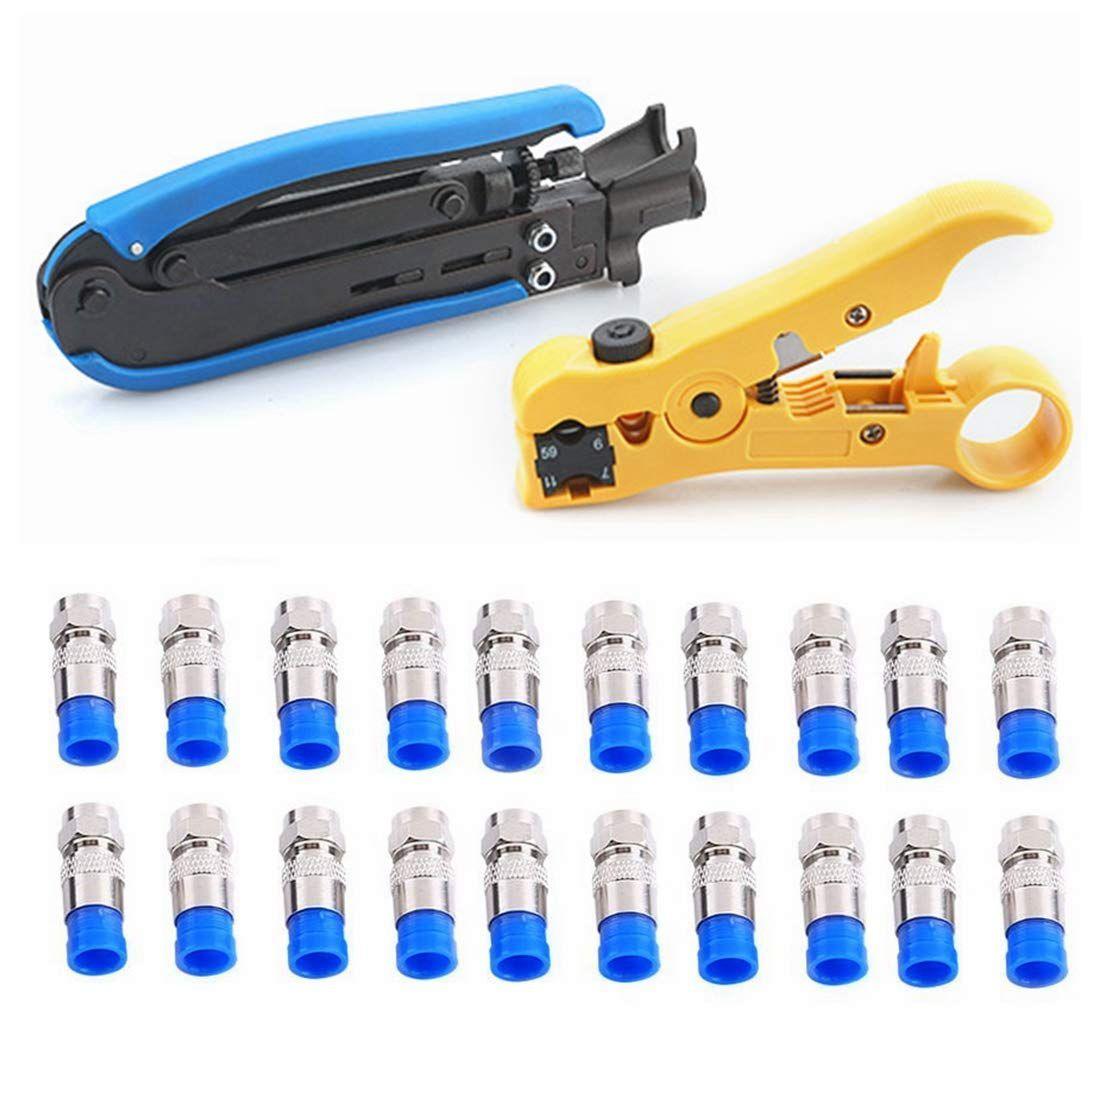 RG6,RG59,RG11 Coax Coaxial Cable Crimper Adjustable Stripper Compression Tools